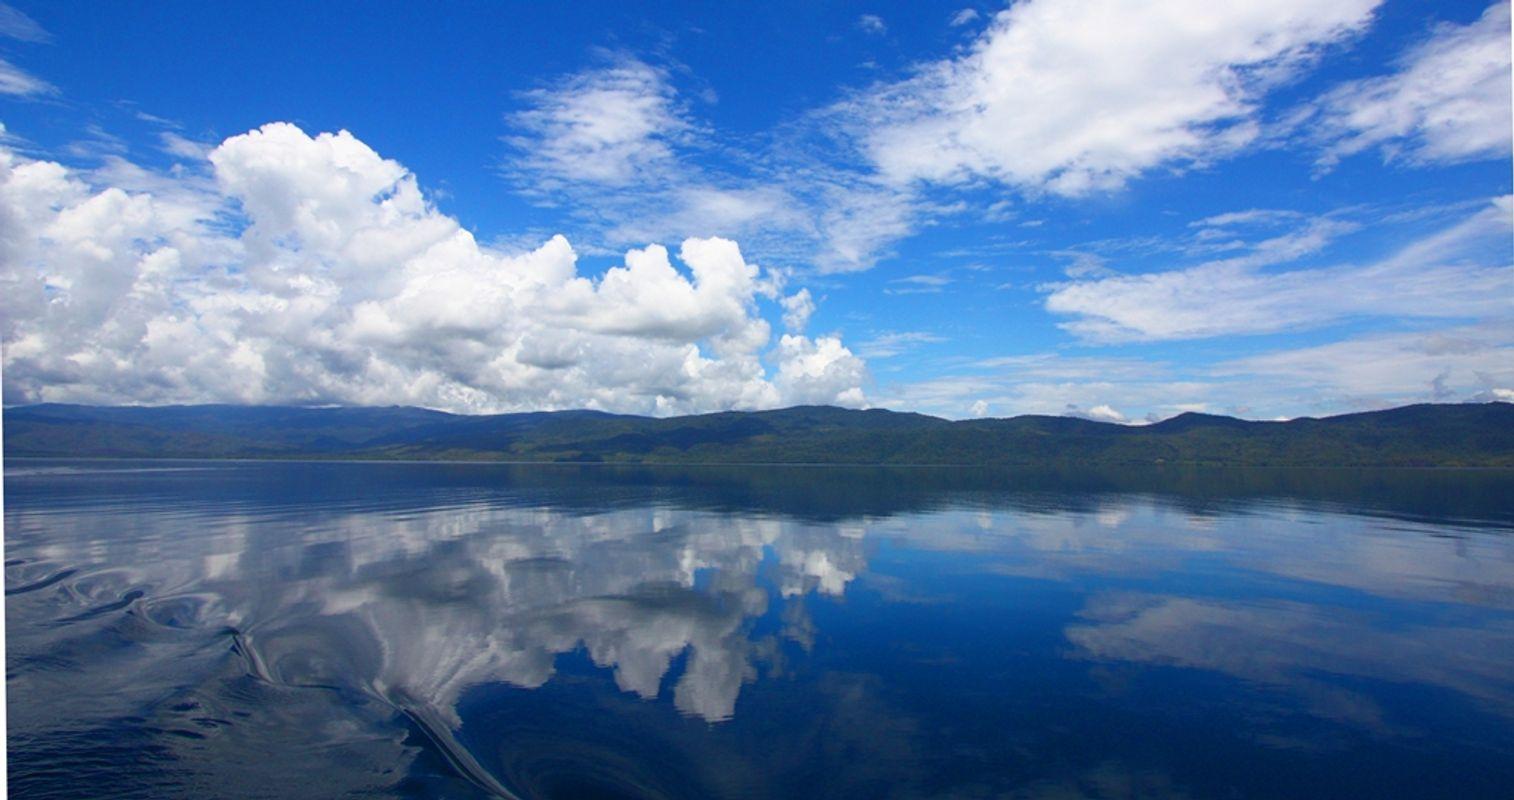 Matano Lake Mirror